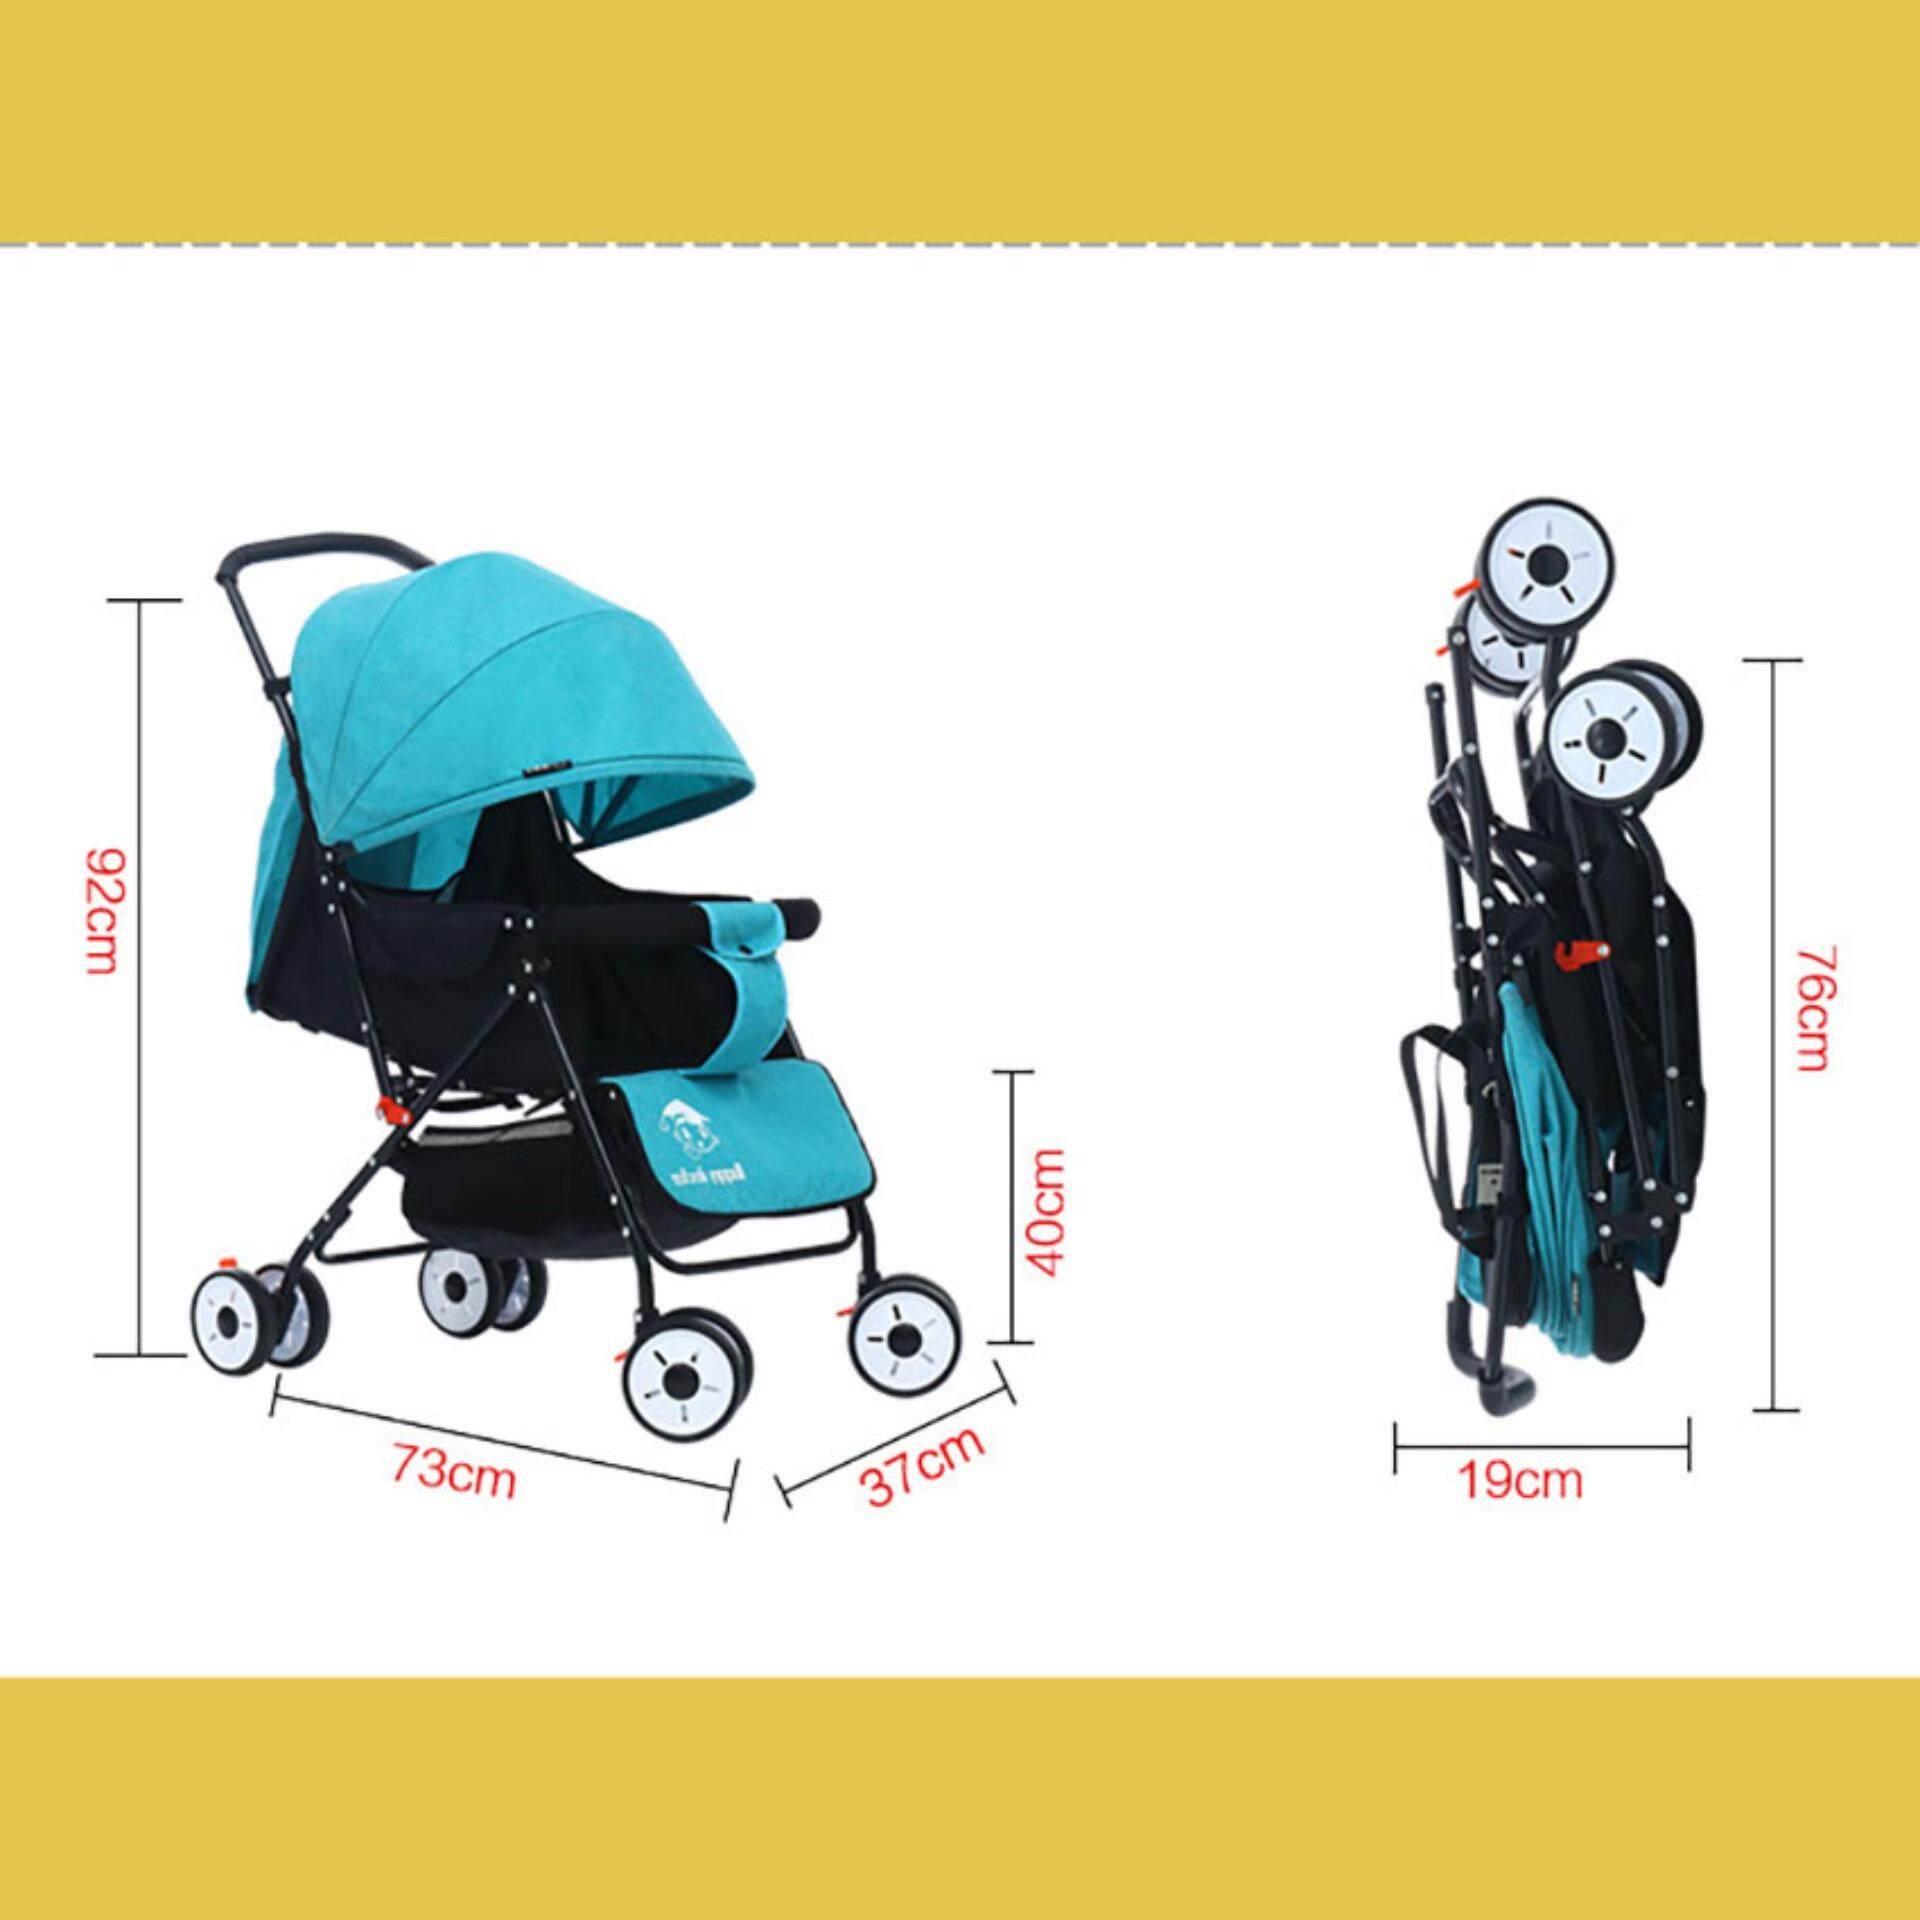 ของแท้ มีของแถม Chicco รถเข็นเด็กแบบนอน Chicco รถเข็นเด็ก Snappy Stroller - Crazy Cars (Black) ลดราคาเกินครึ่ง